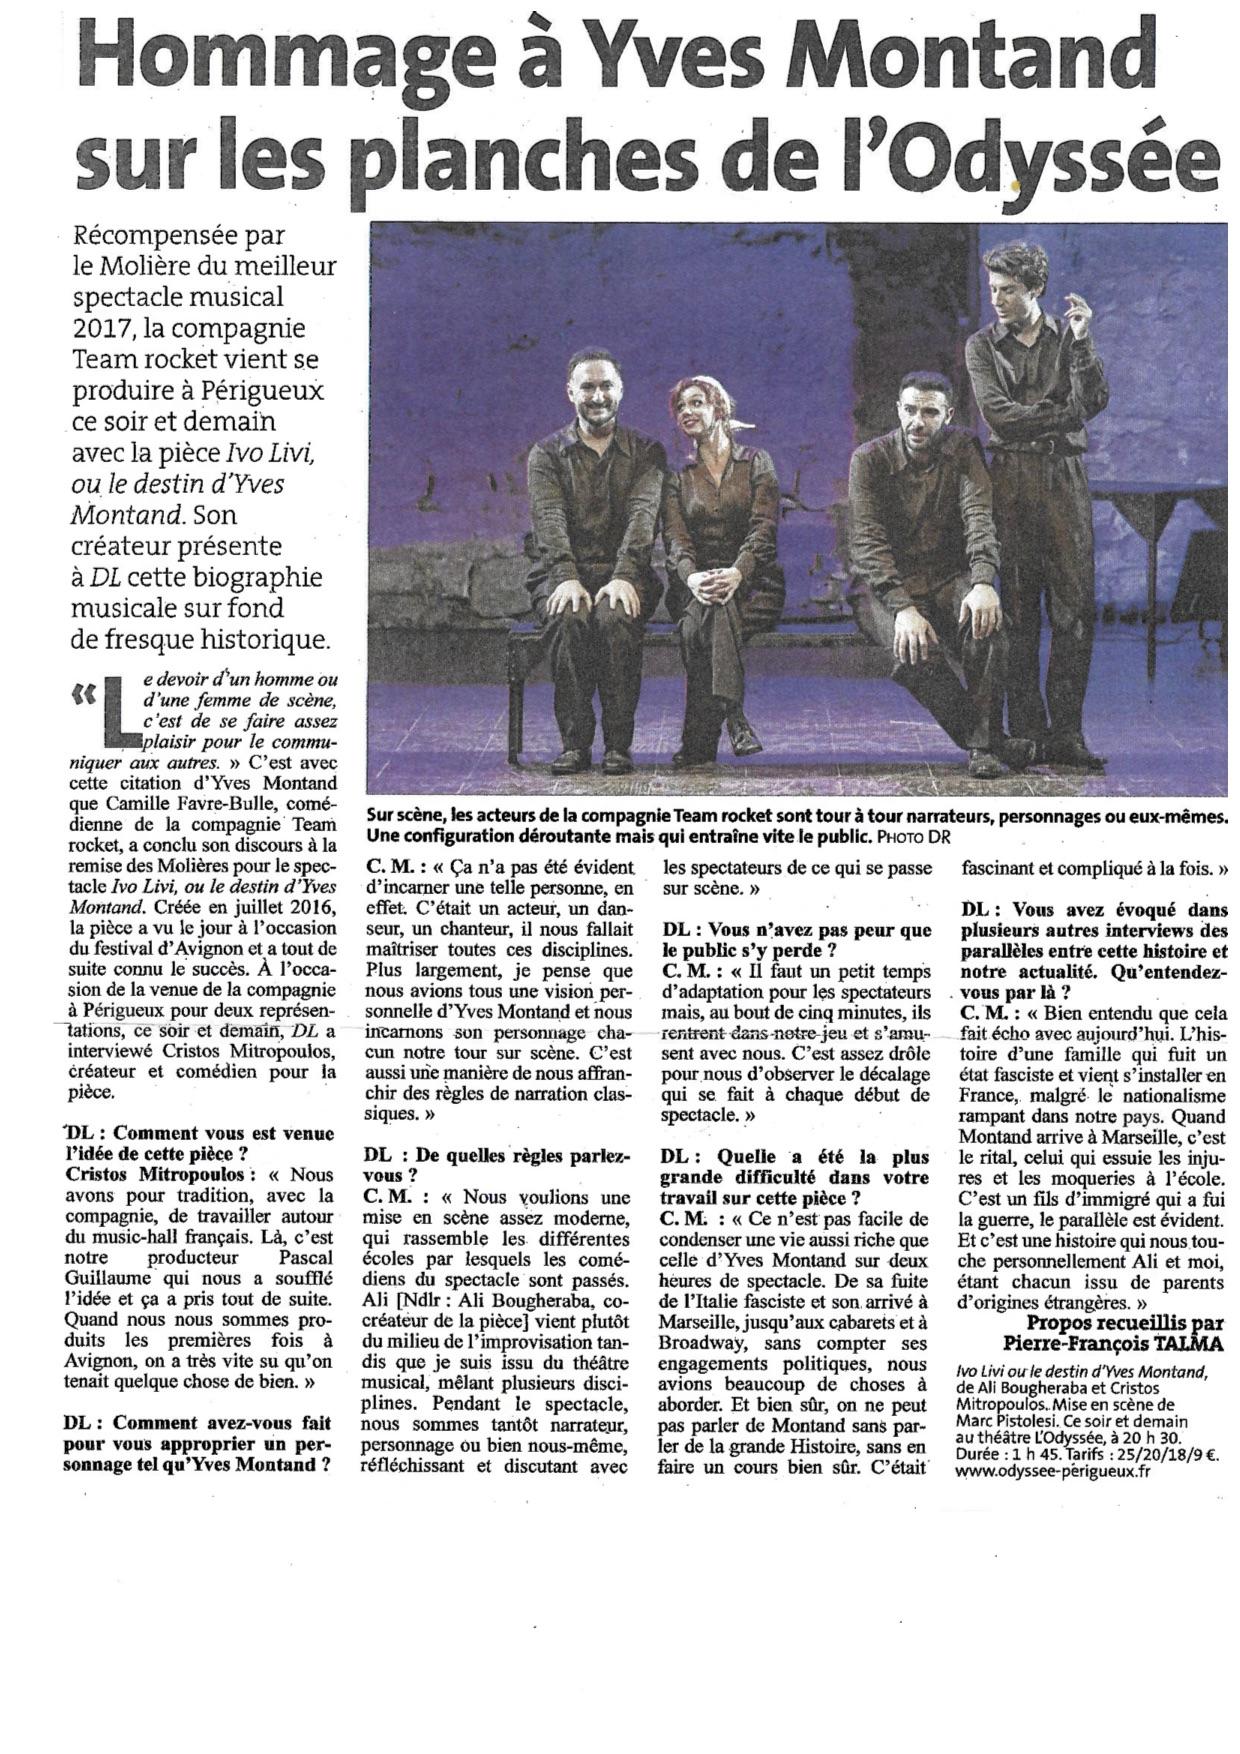 La Dordogne Libre 18.12.17